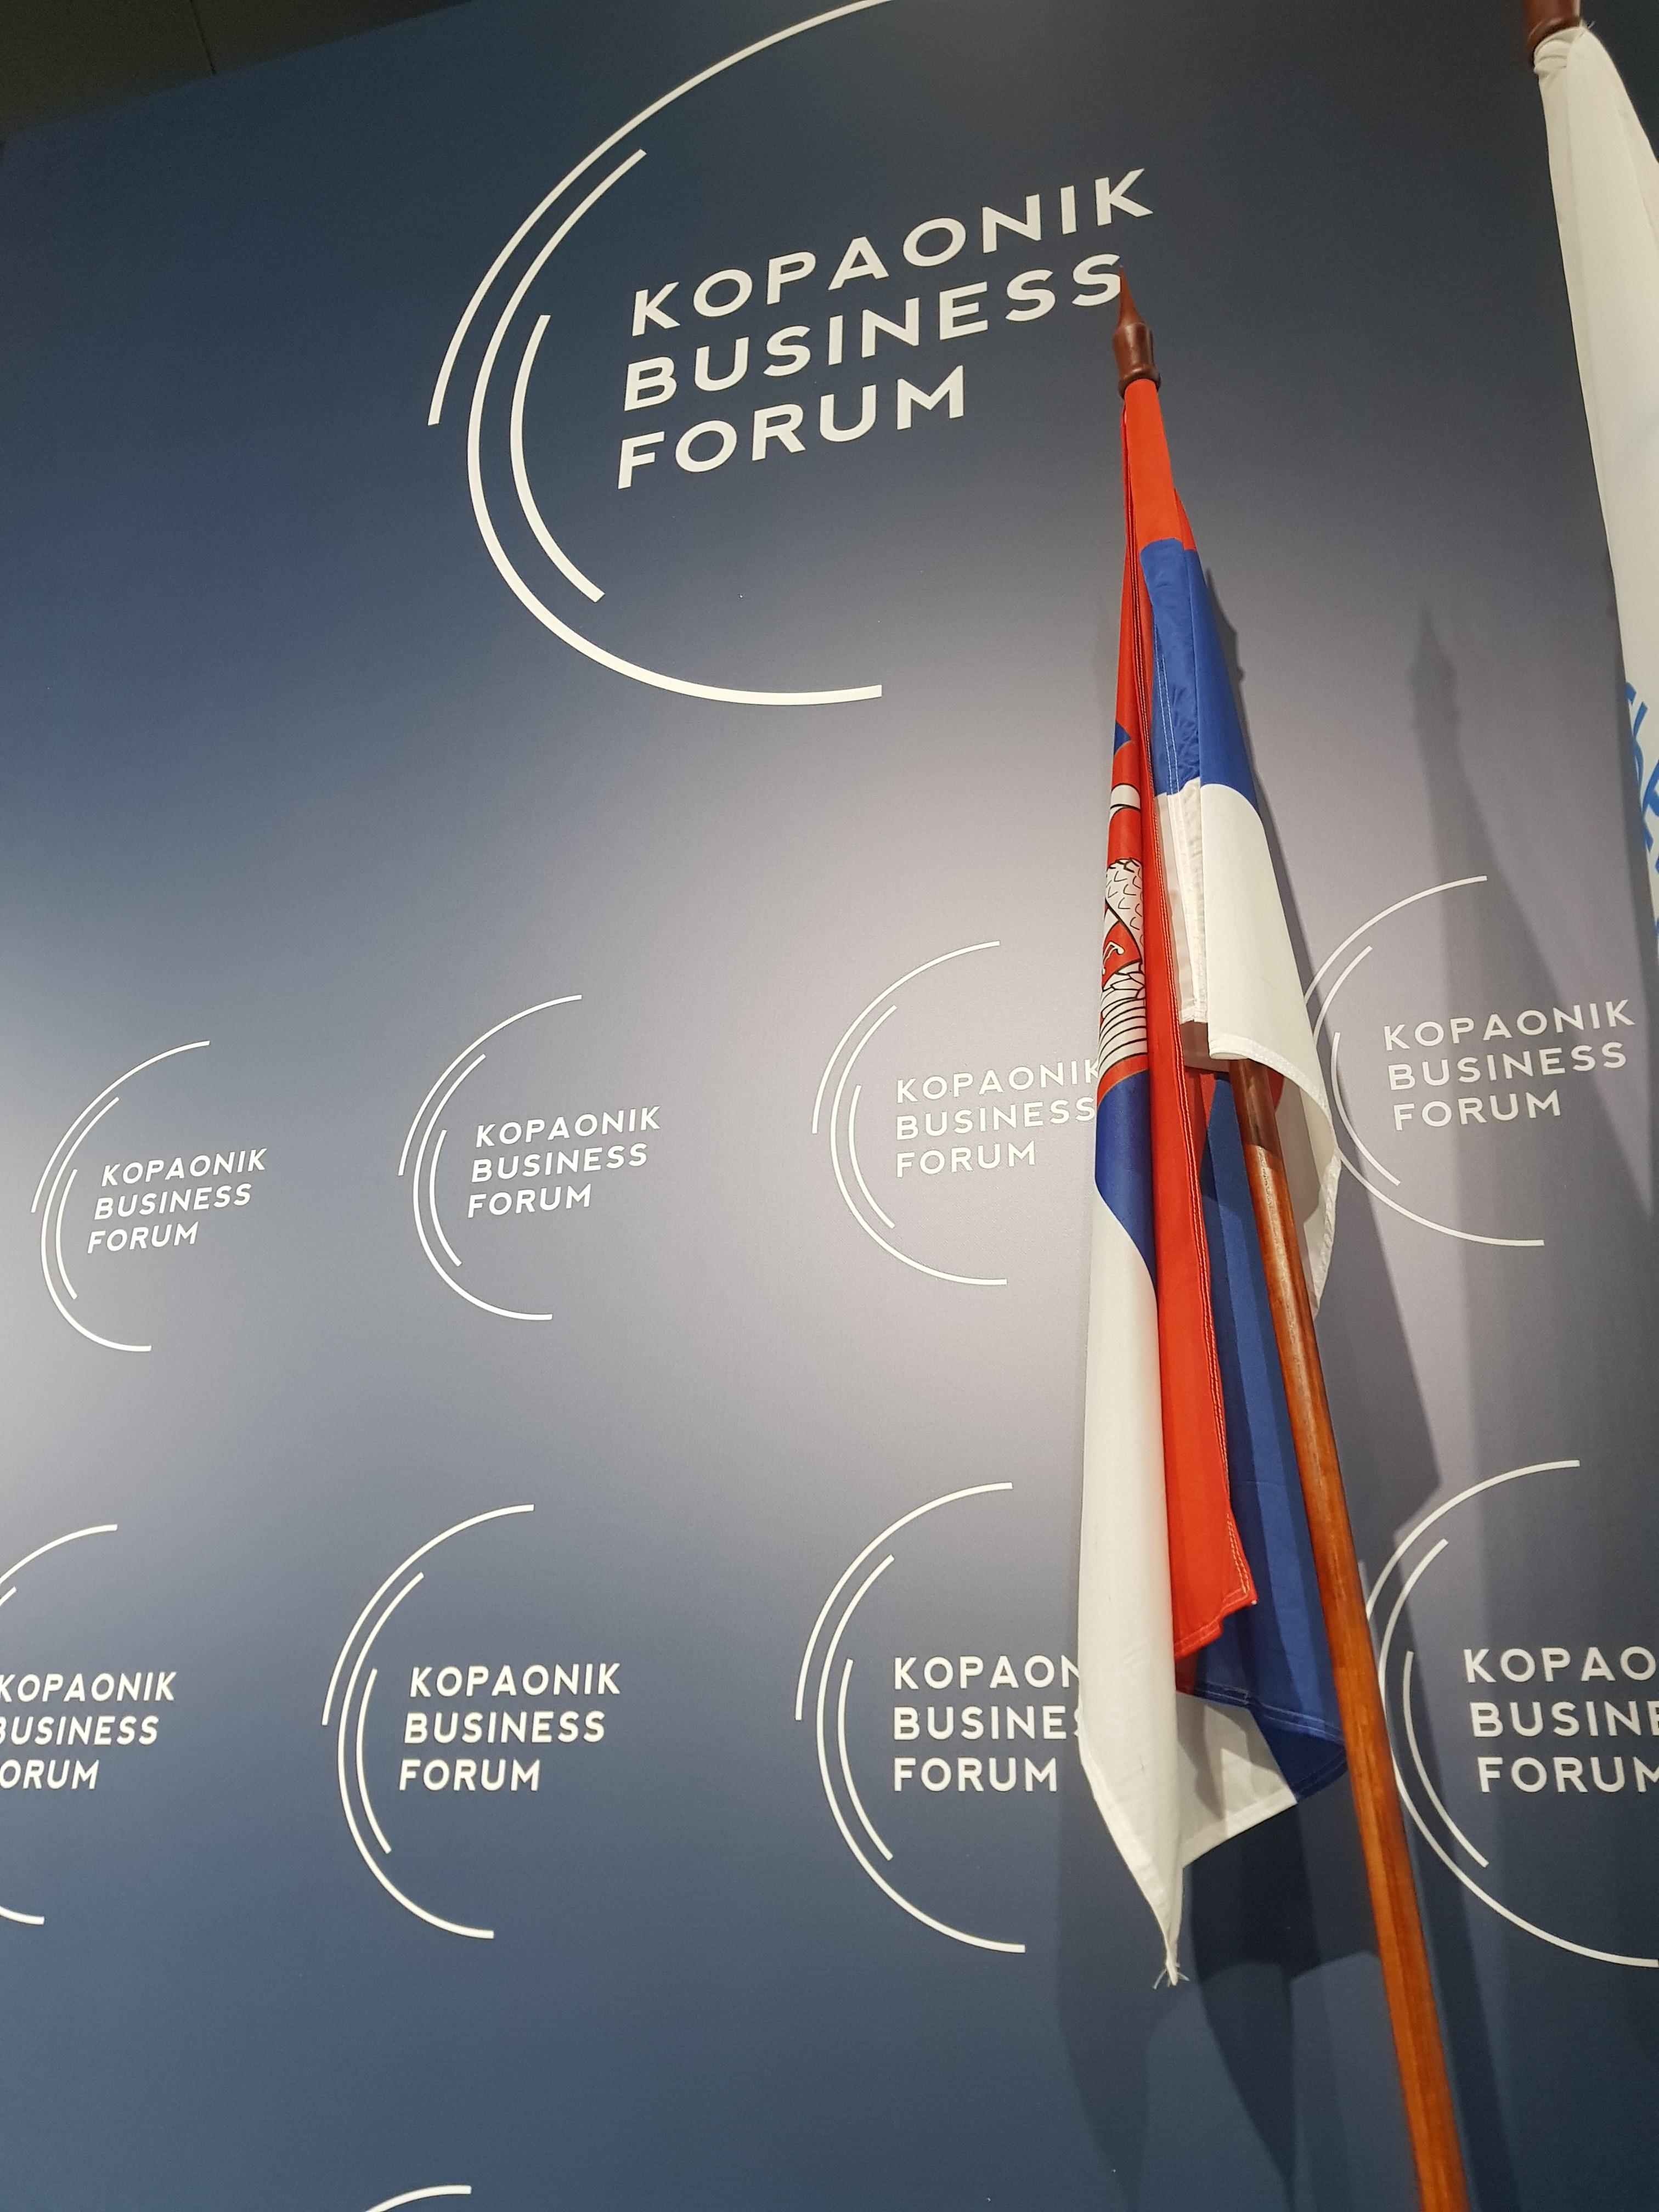 Привредна комора Војводине на 26. Копаоник бизнис форуму